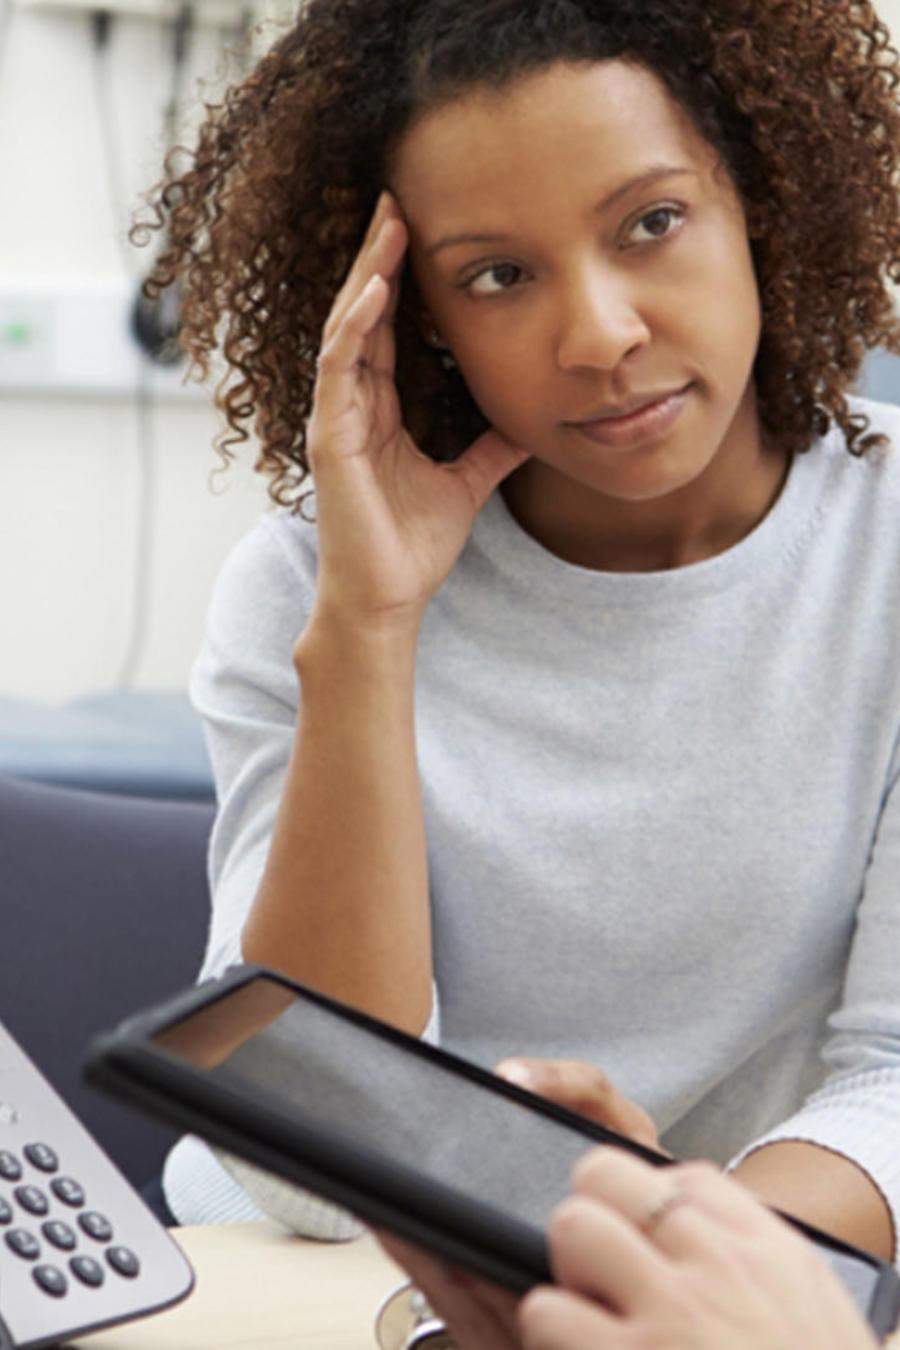 Una organización ayuda a personas a pagar sus deudas médicas